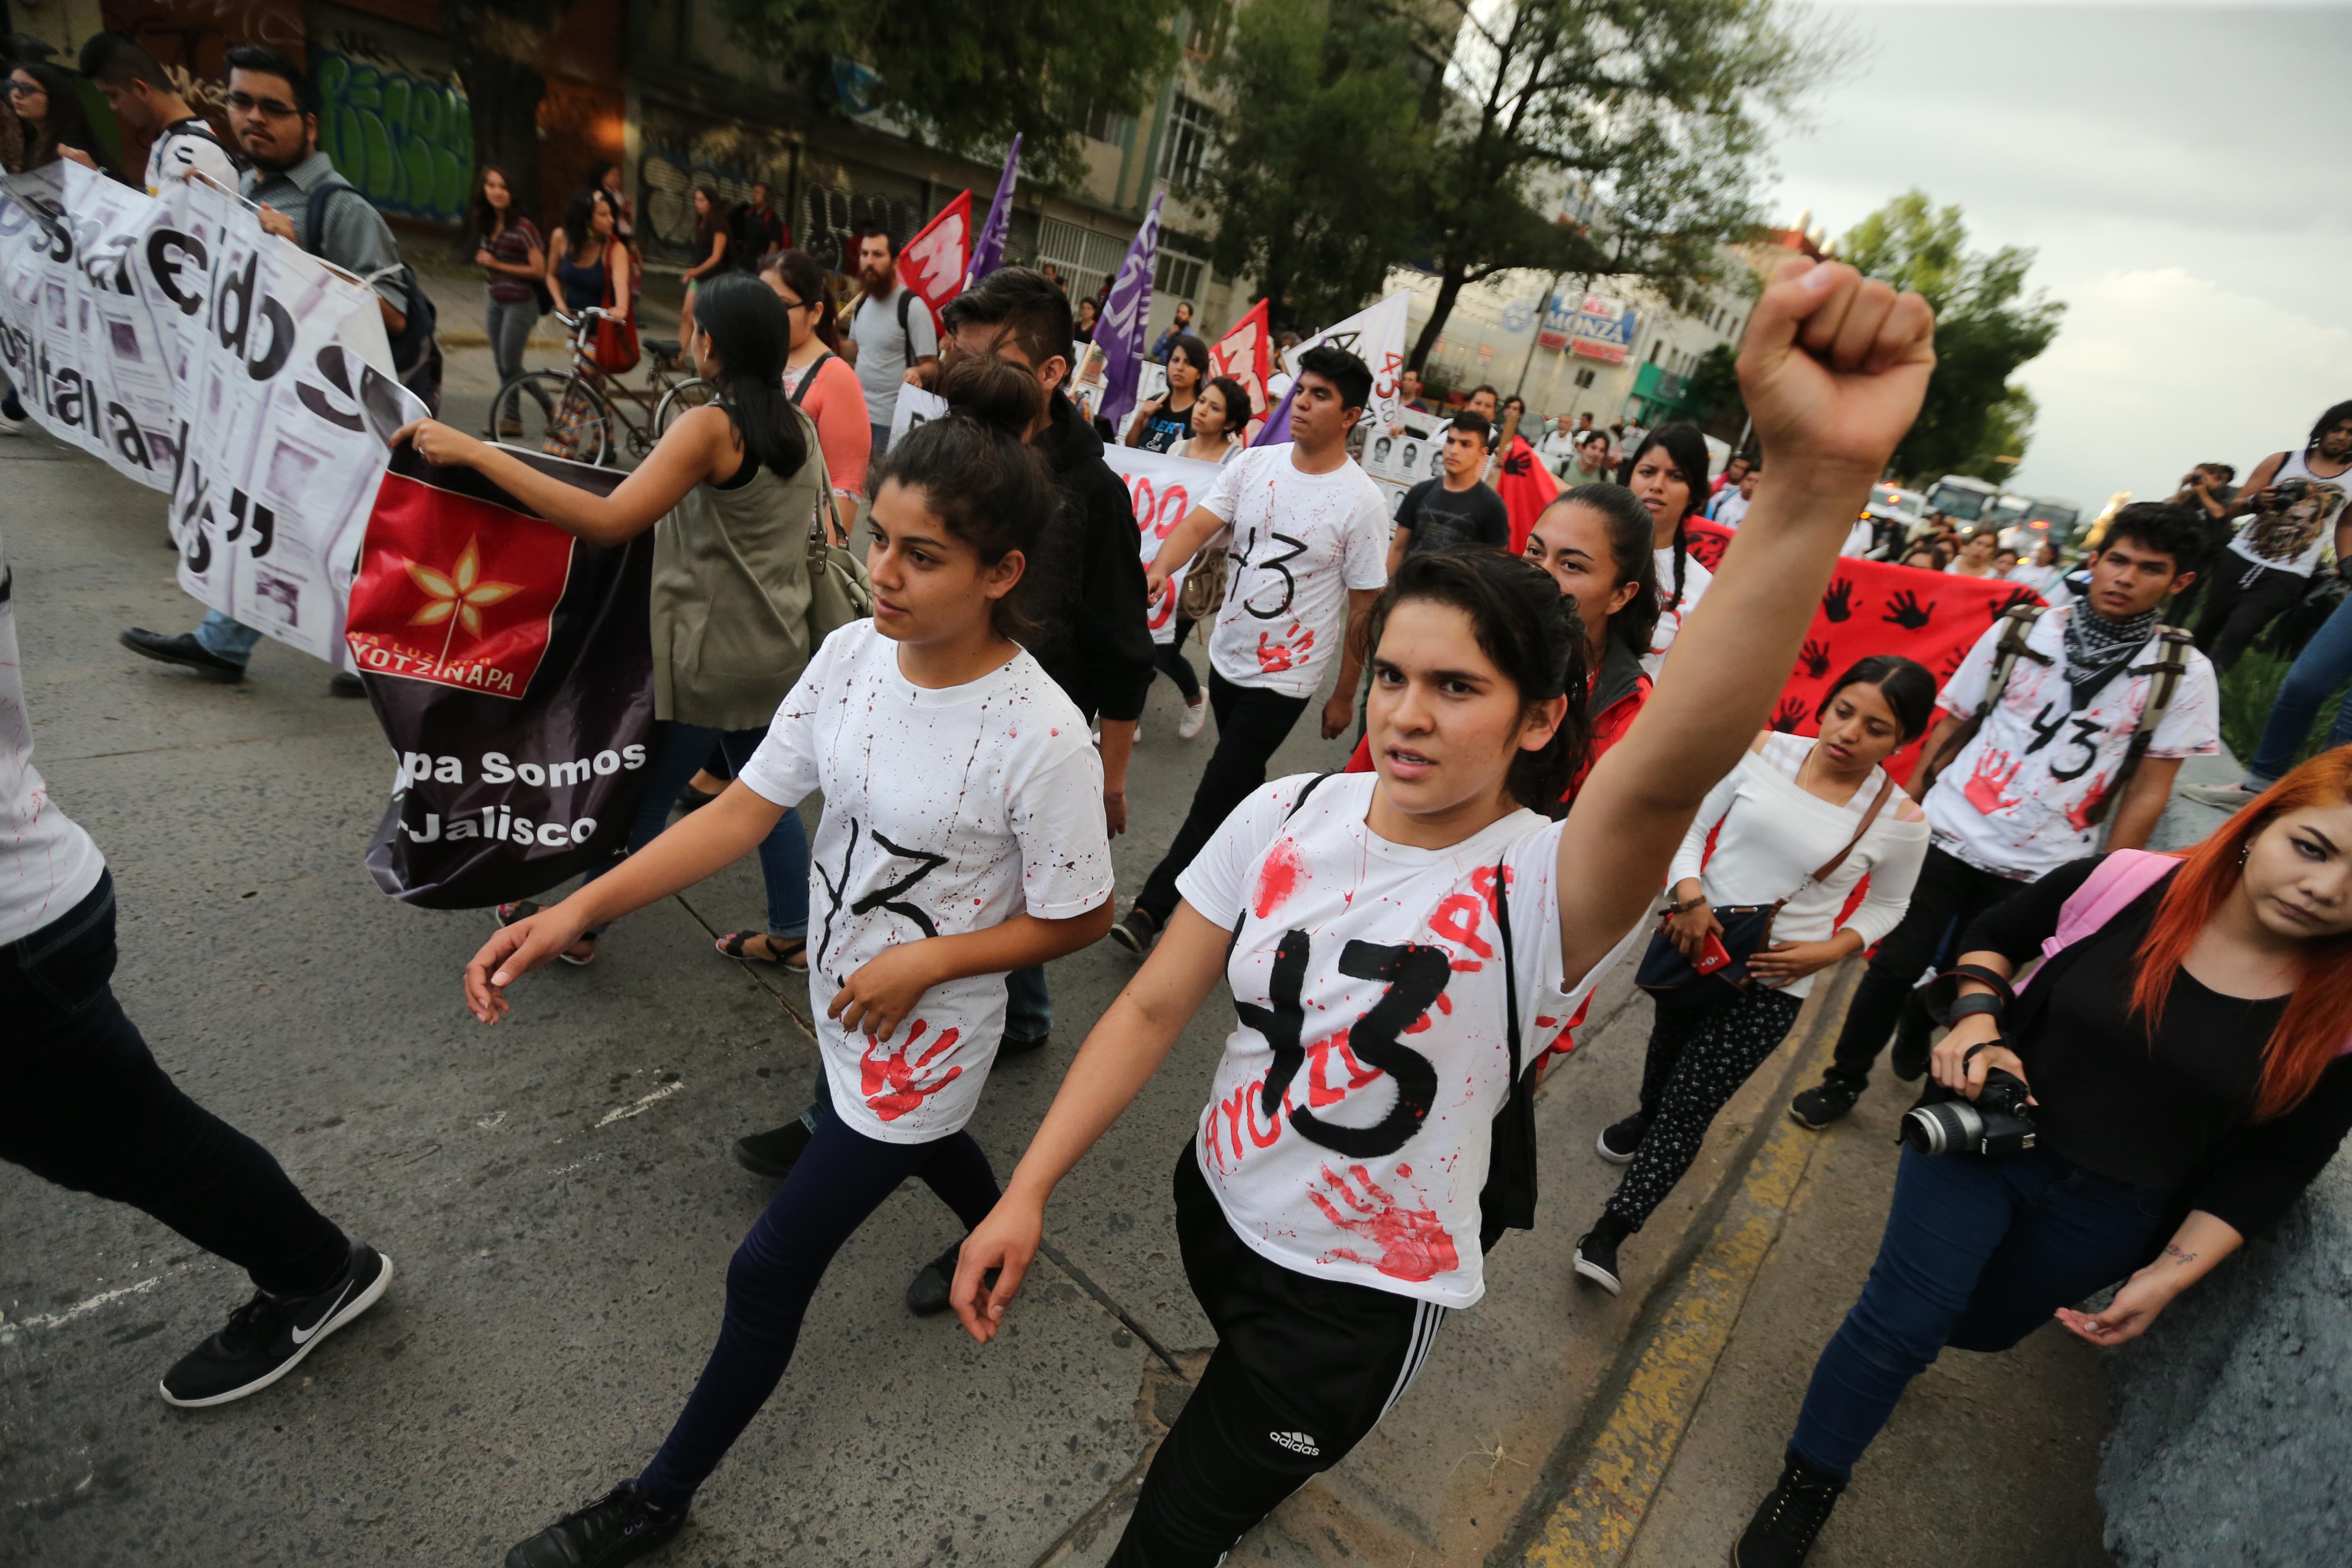 """Estudiantes y académicos del CUCSH, realizando una marcha en silencio con pinturas, mantas, pensamientos y poemas,por las calles de la ciudad para recordar la desaparición de los 43 estudiantes de la Escuela Normal Rural """"Raúl Isidro Burgos"""" de Ayotzinapa, Guerrero."""